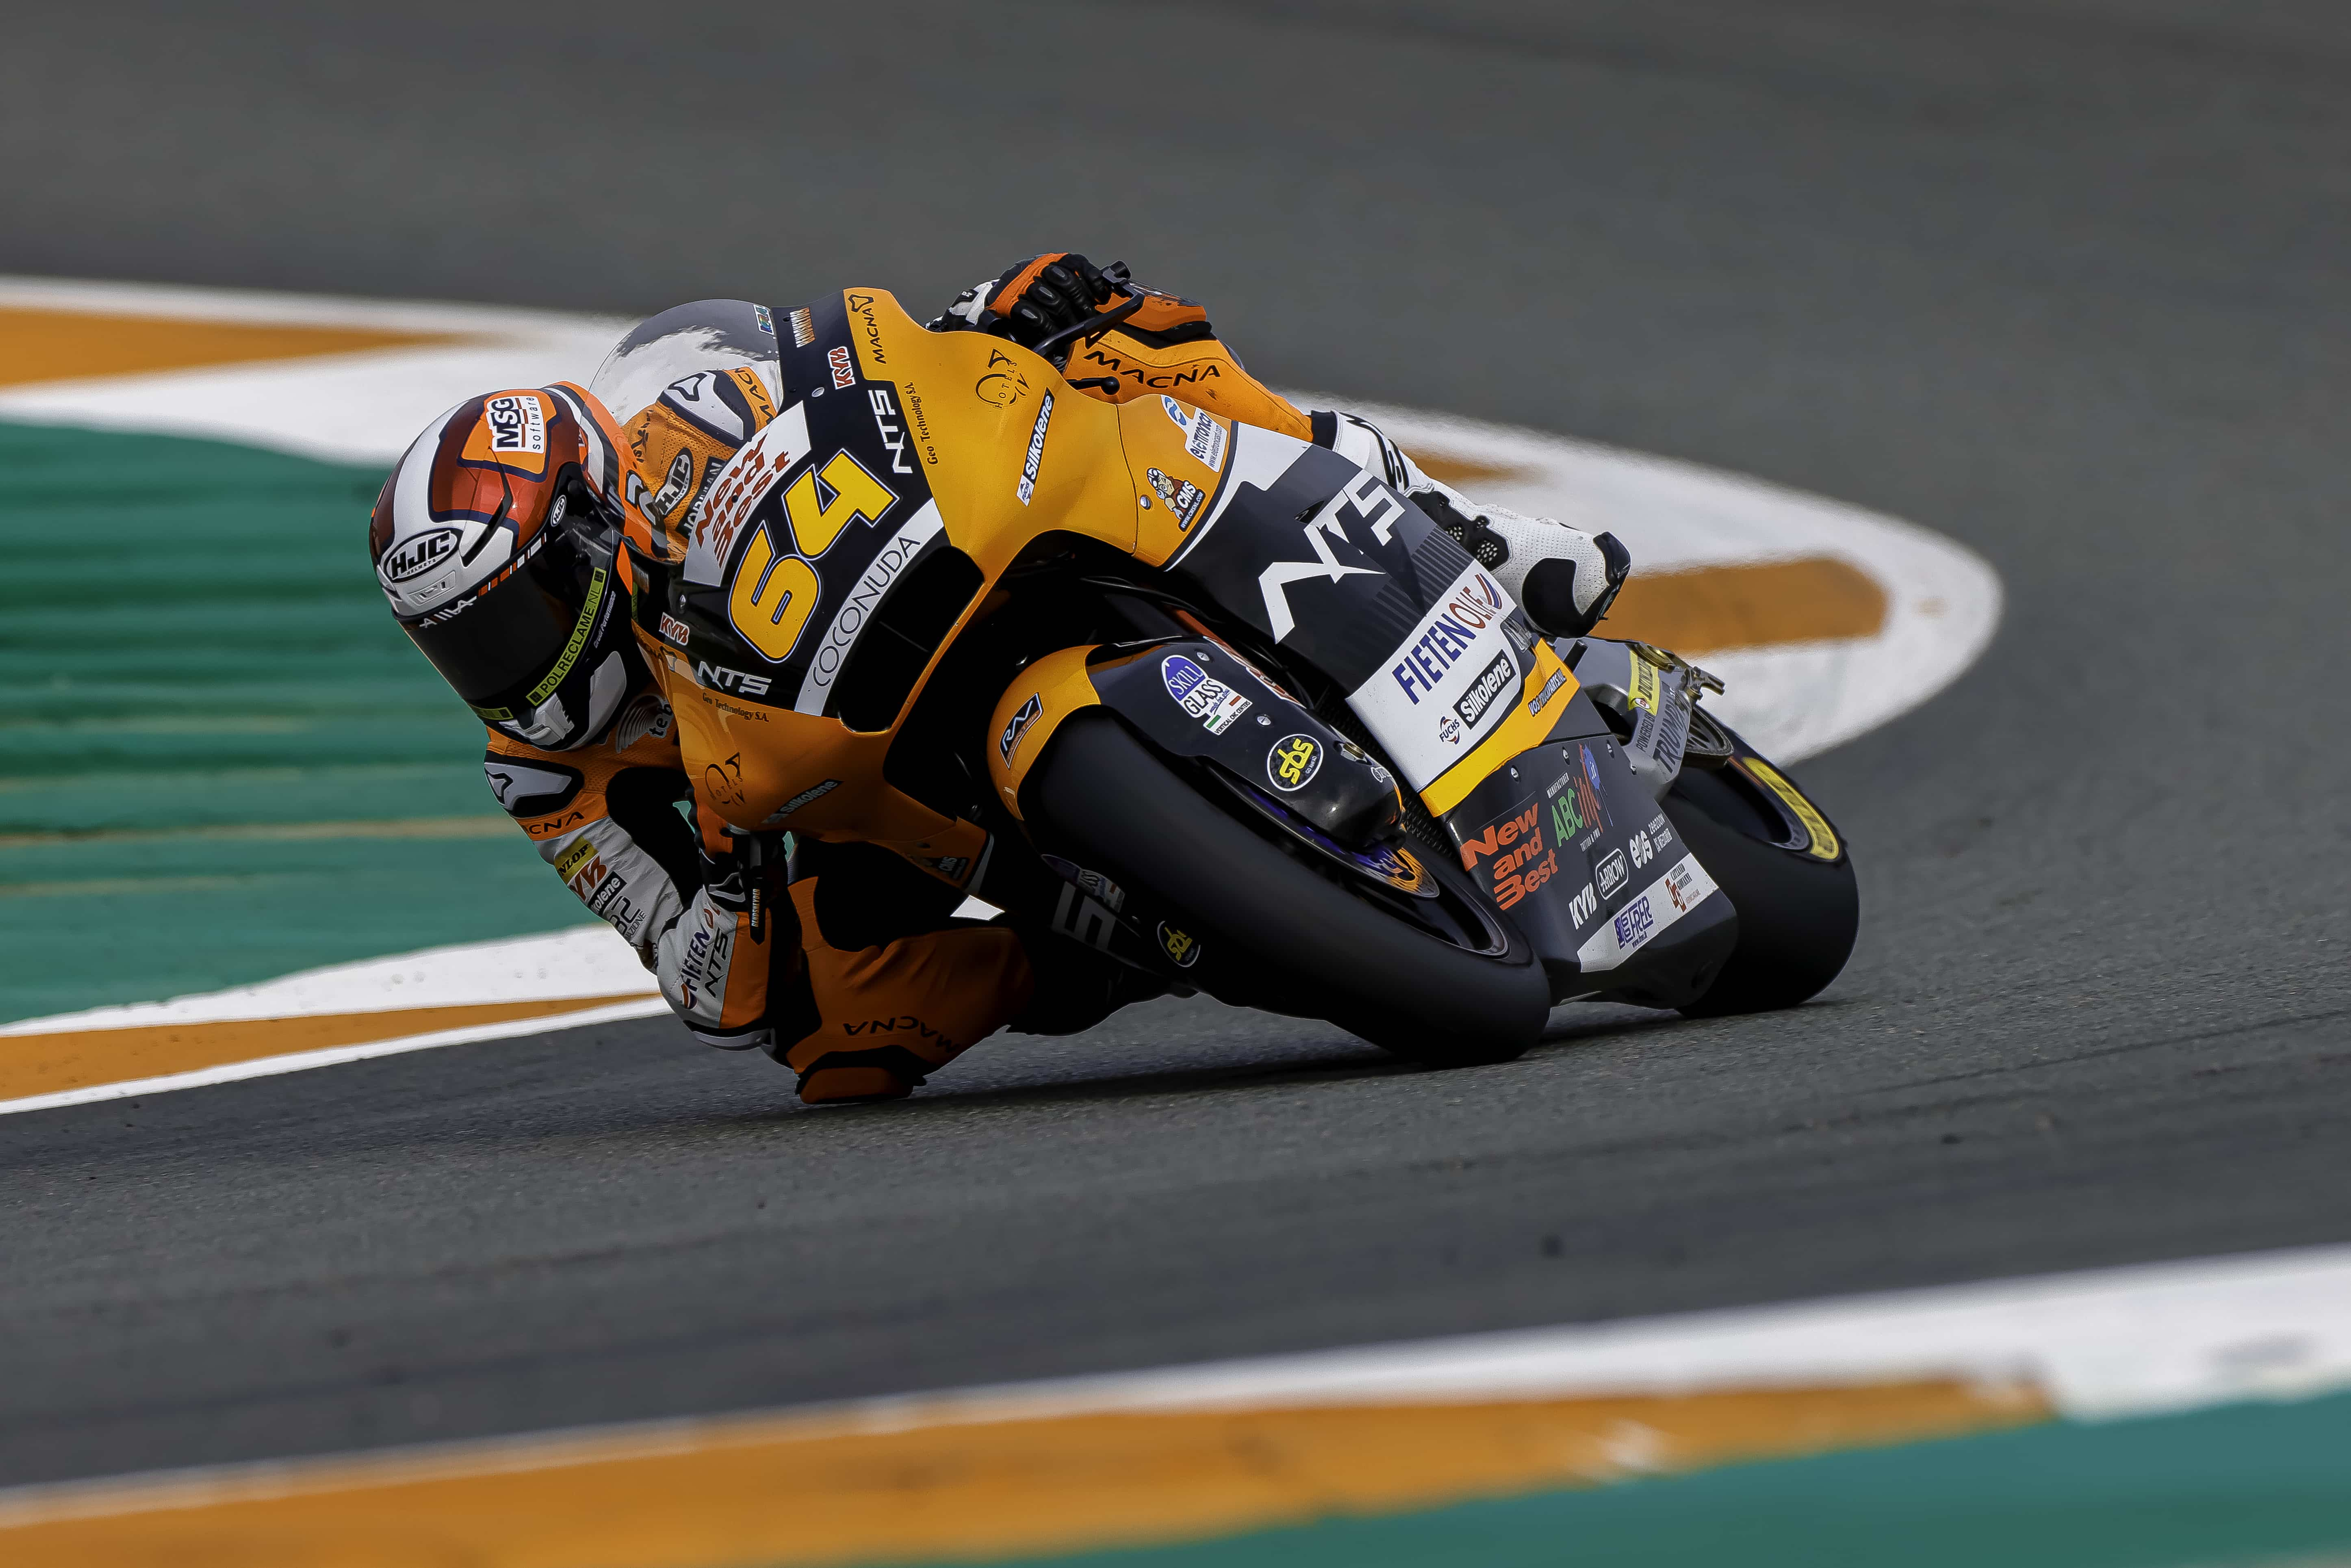 バレンシアGP NTS RW Racing GP 公式練習3、公式予選レポート